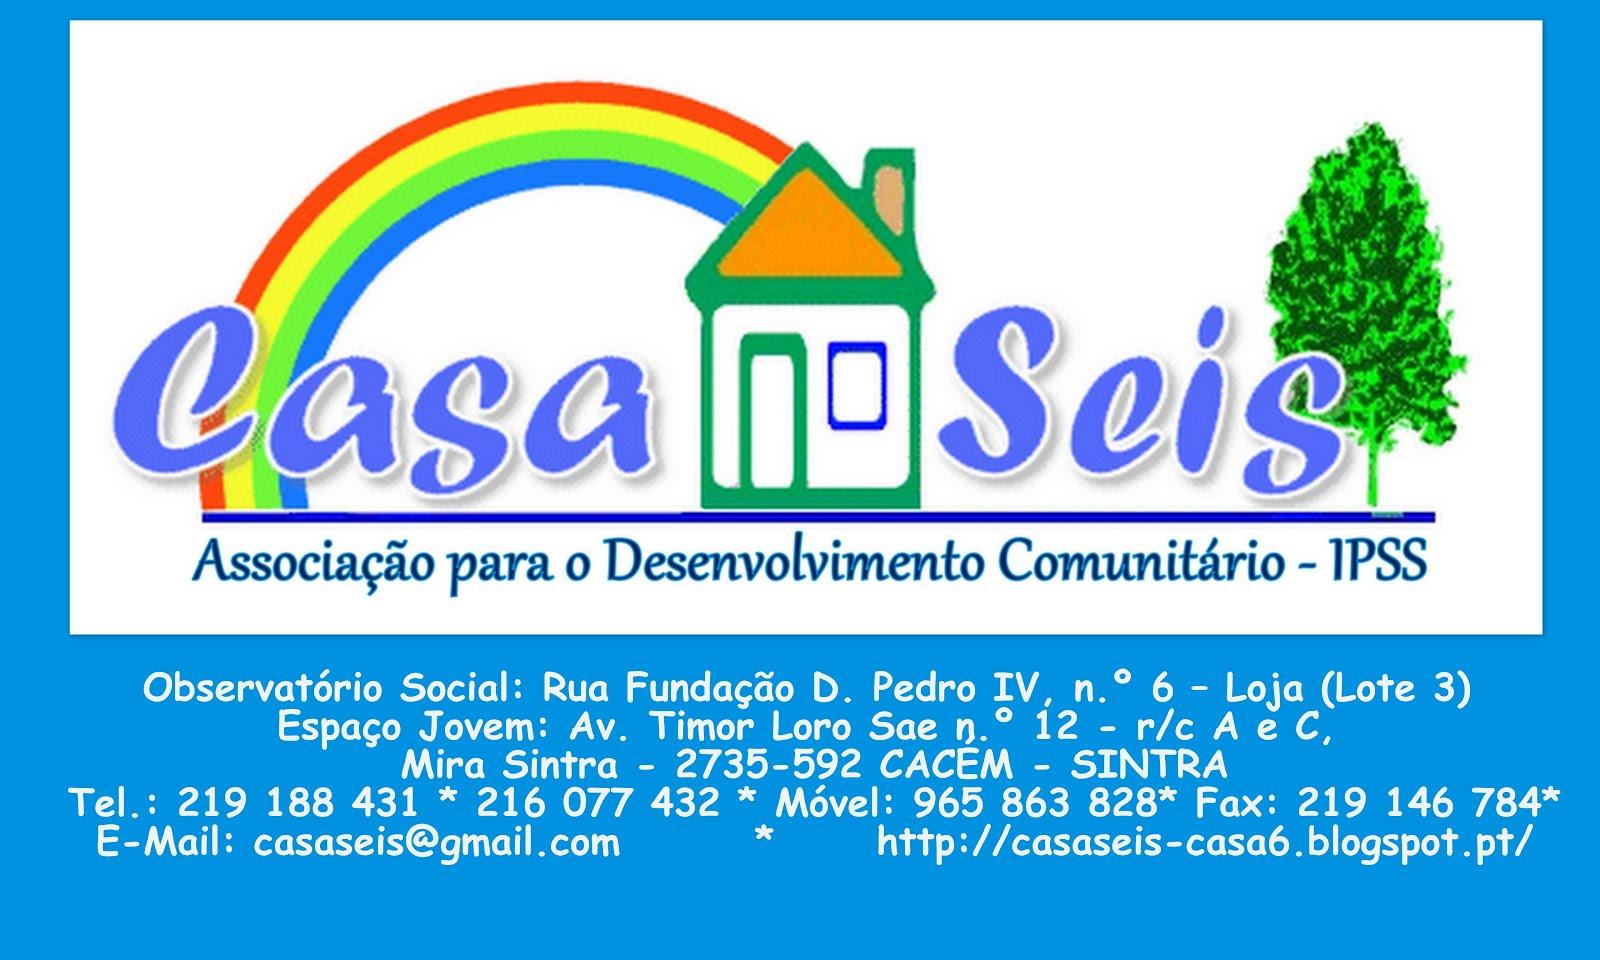 Casa Seis - Associação para o Desenvolvimento Comunitário